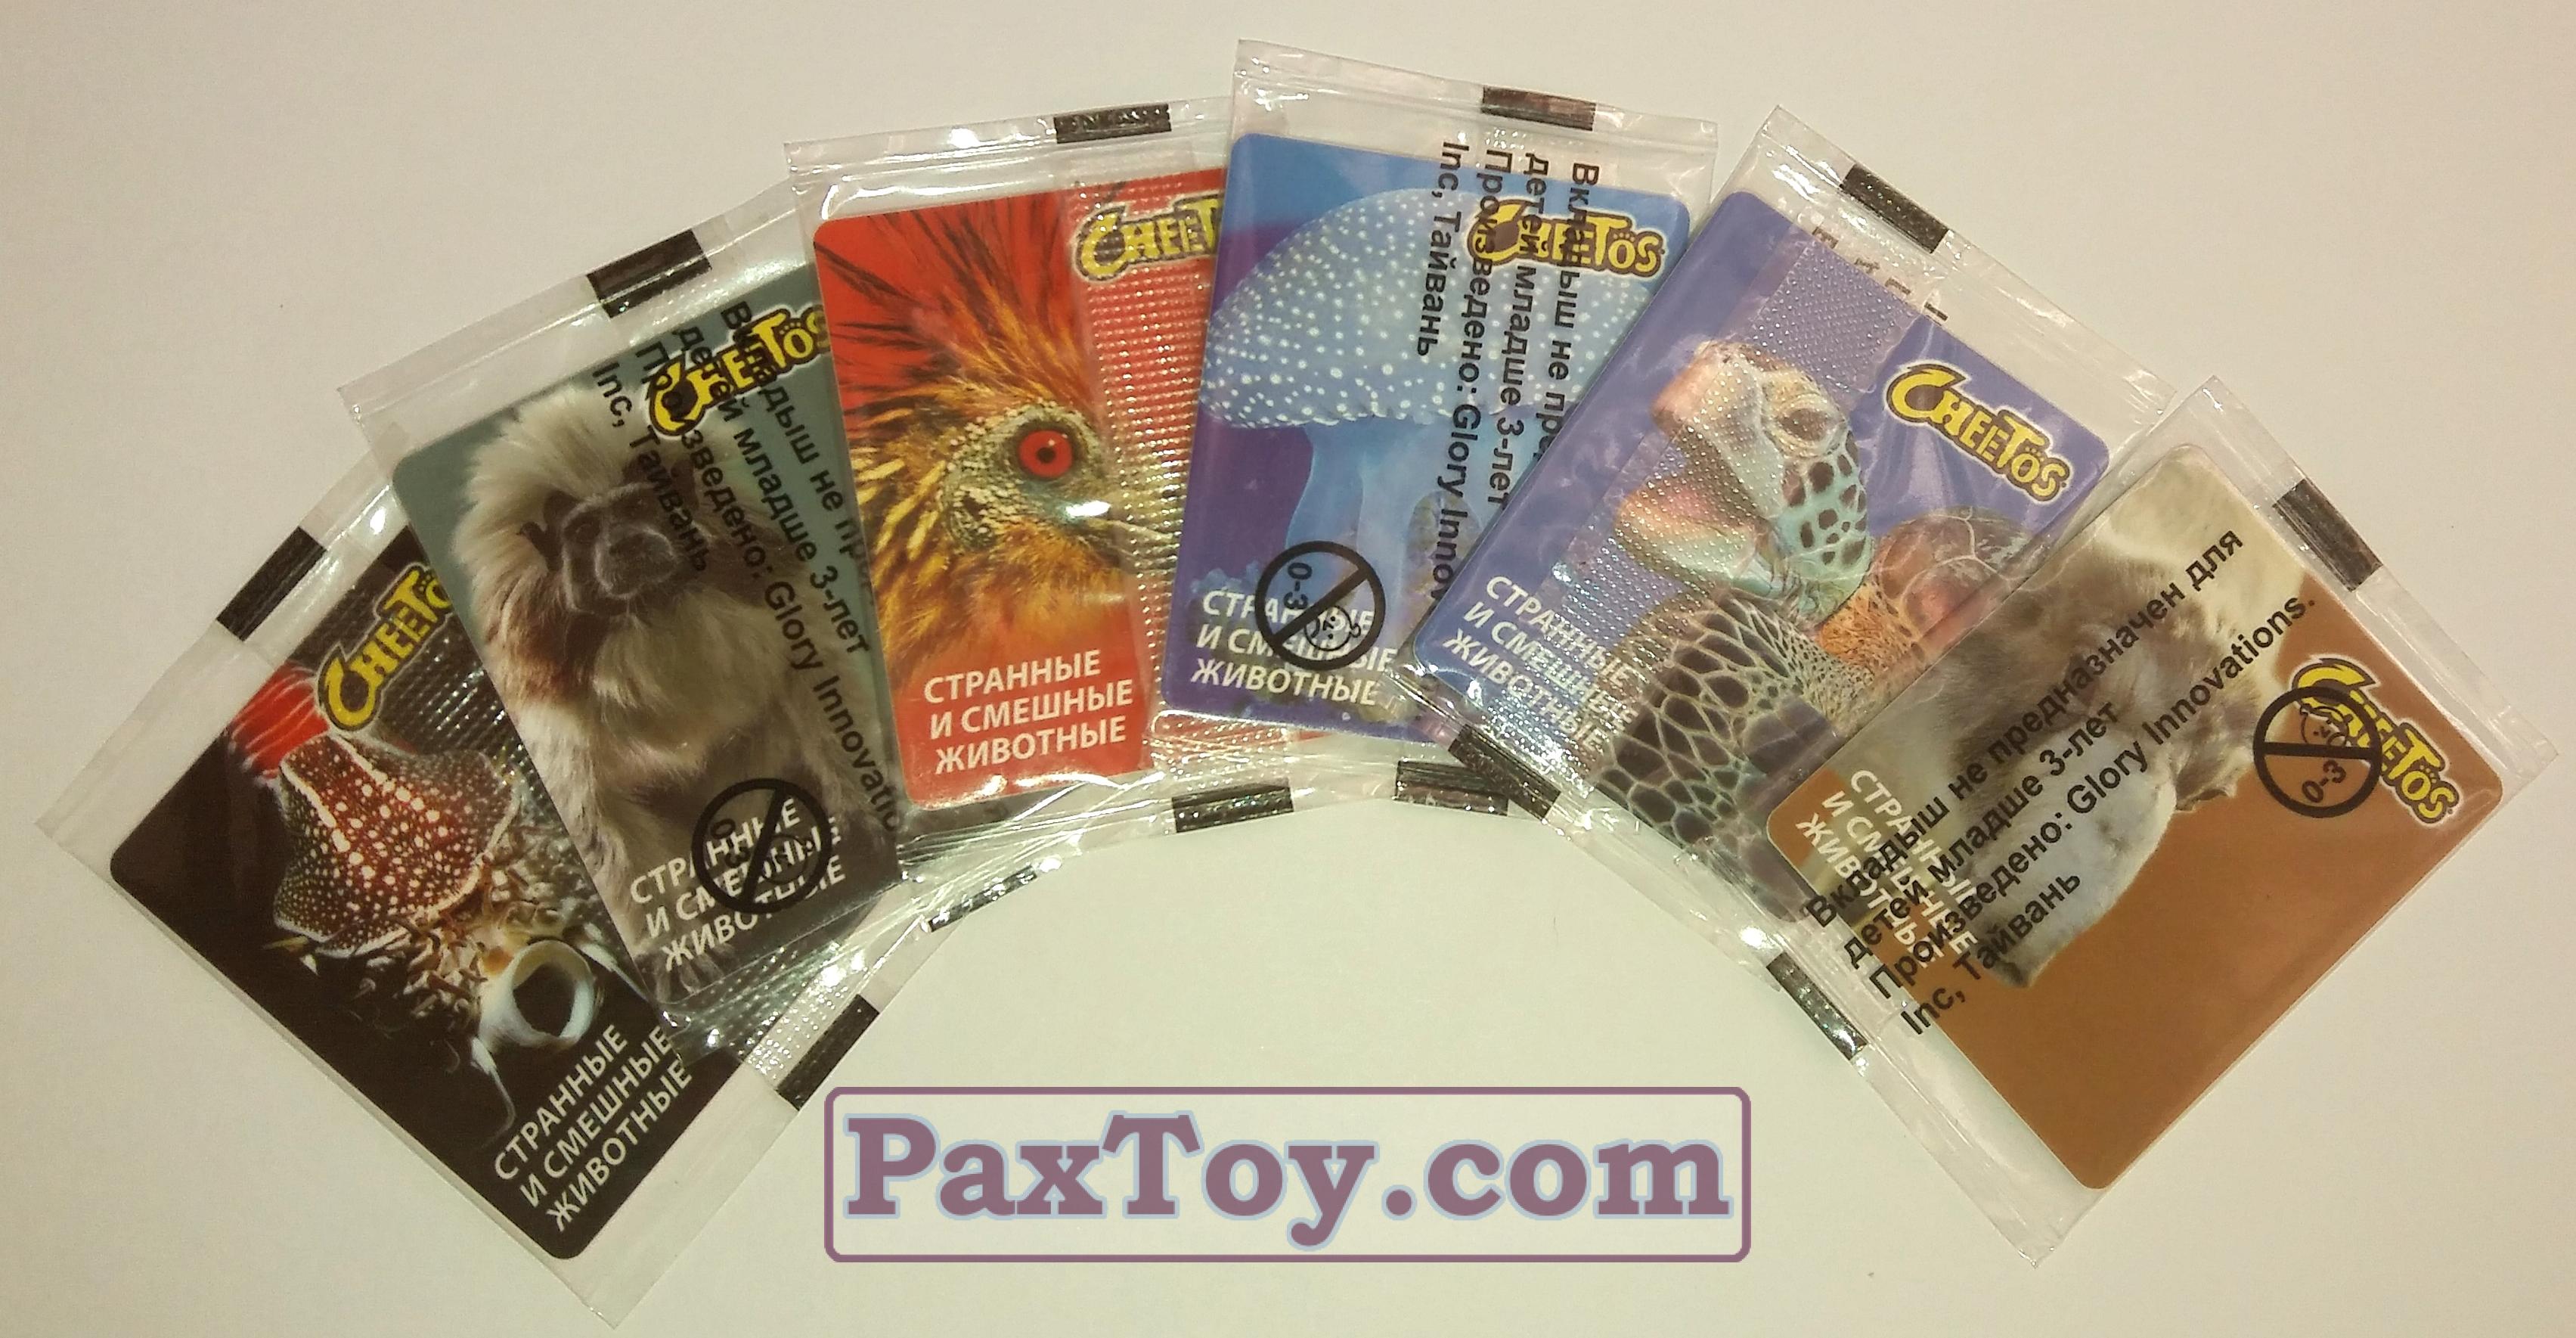 Cheetos Странные и Смешные Животные (в оригинальной упаковке) - 02 paxtoy